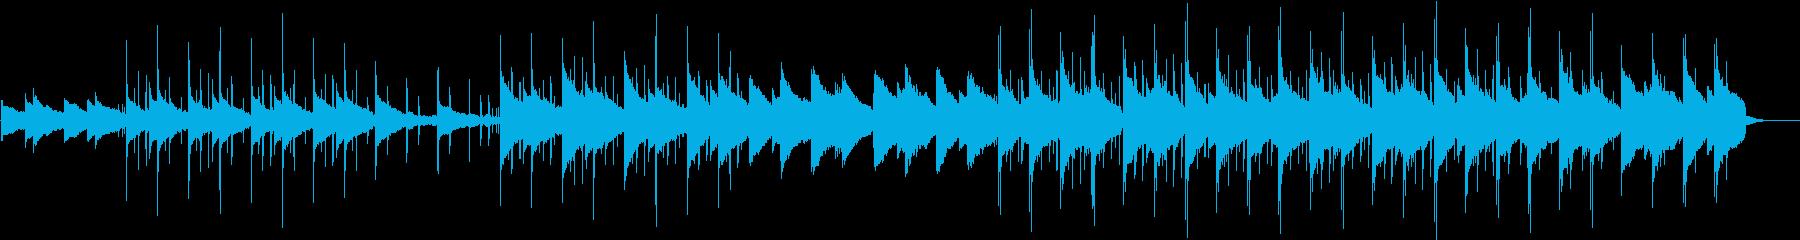 同じフレーズが繰り返されて透明感のある曲の再生済みの波形